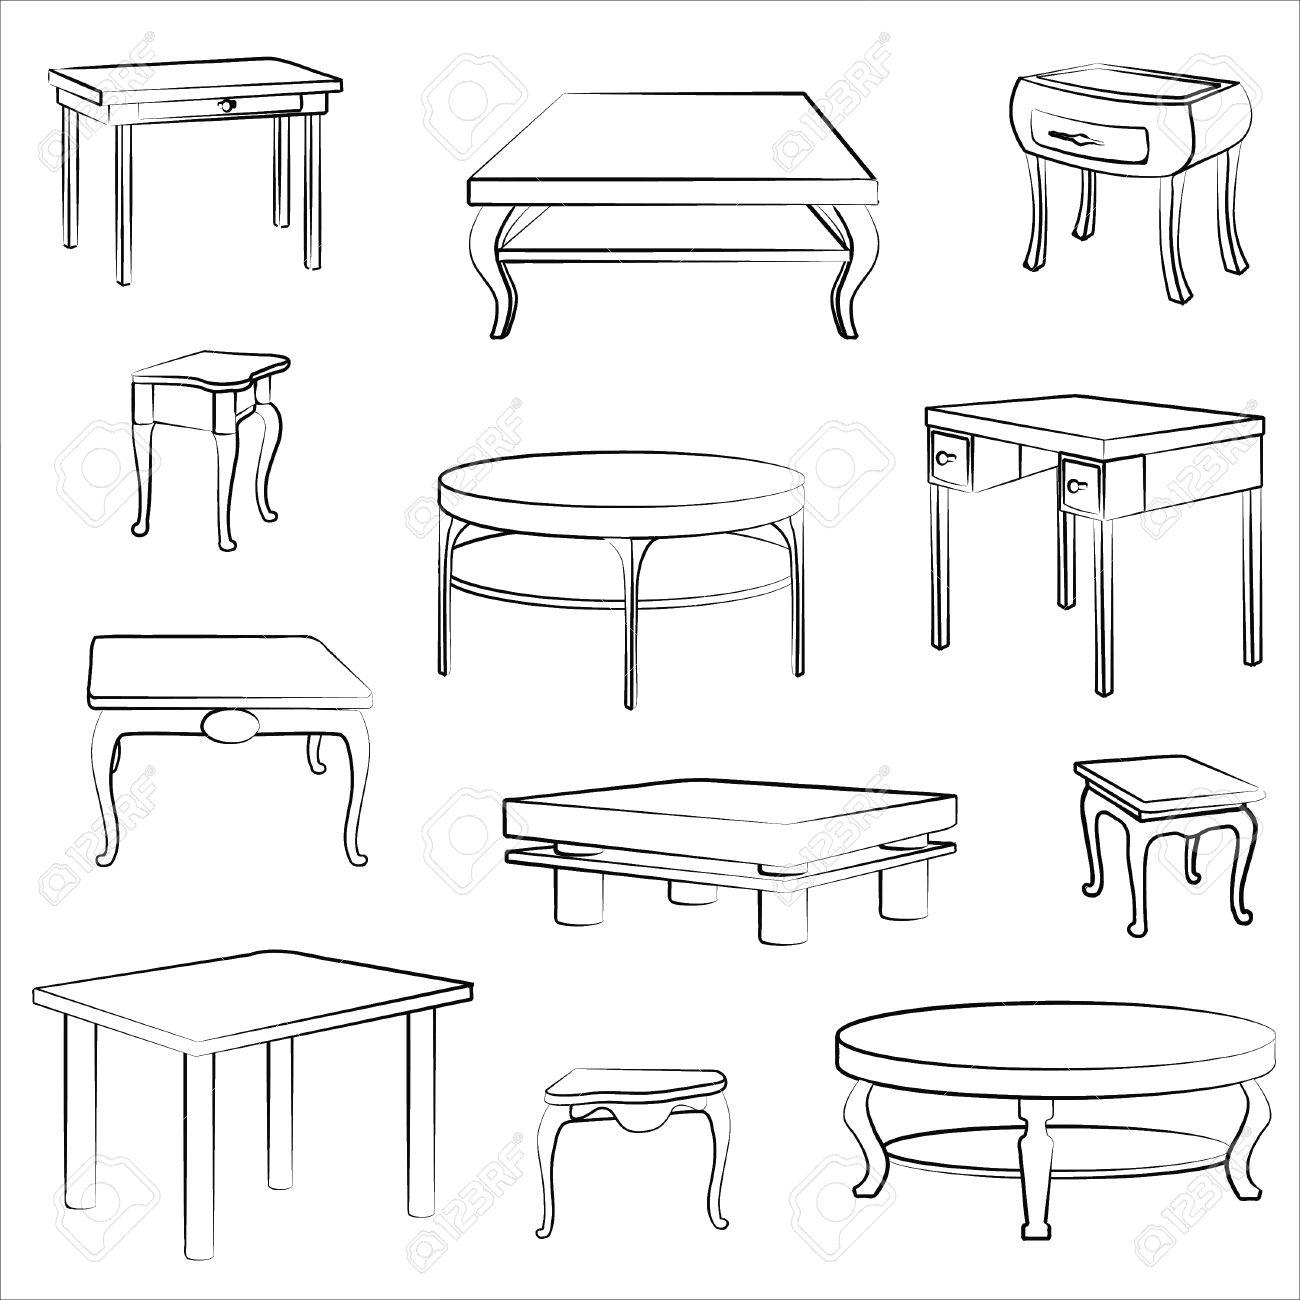 Schreibtisch gezeichnet  Stuhl Gezeichnet